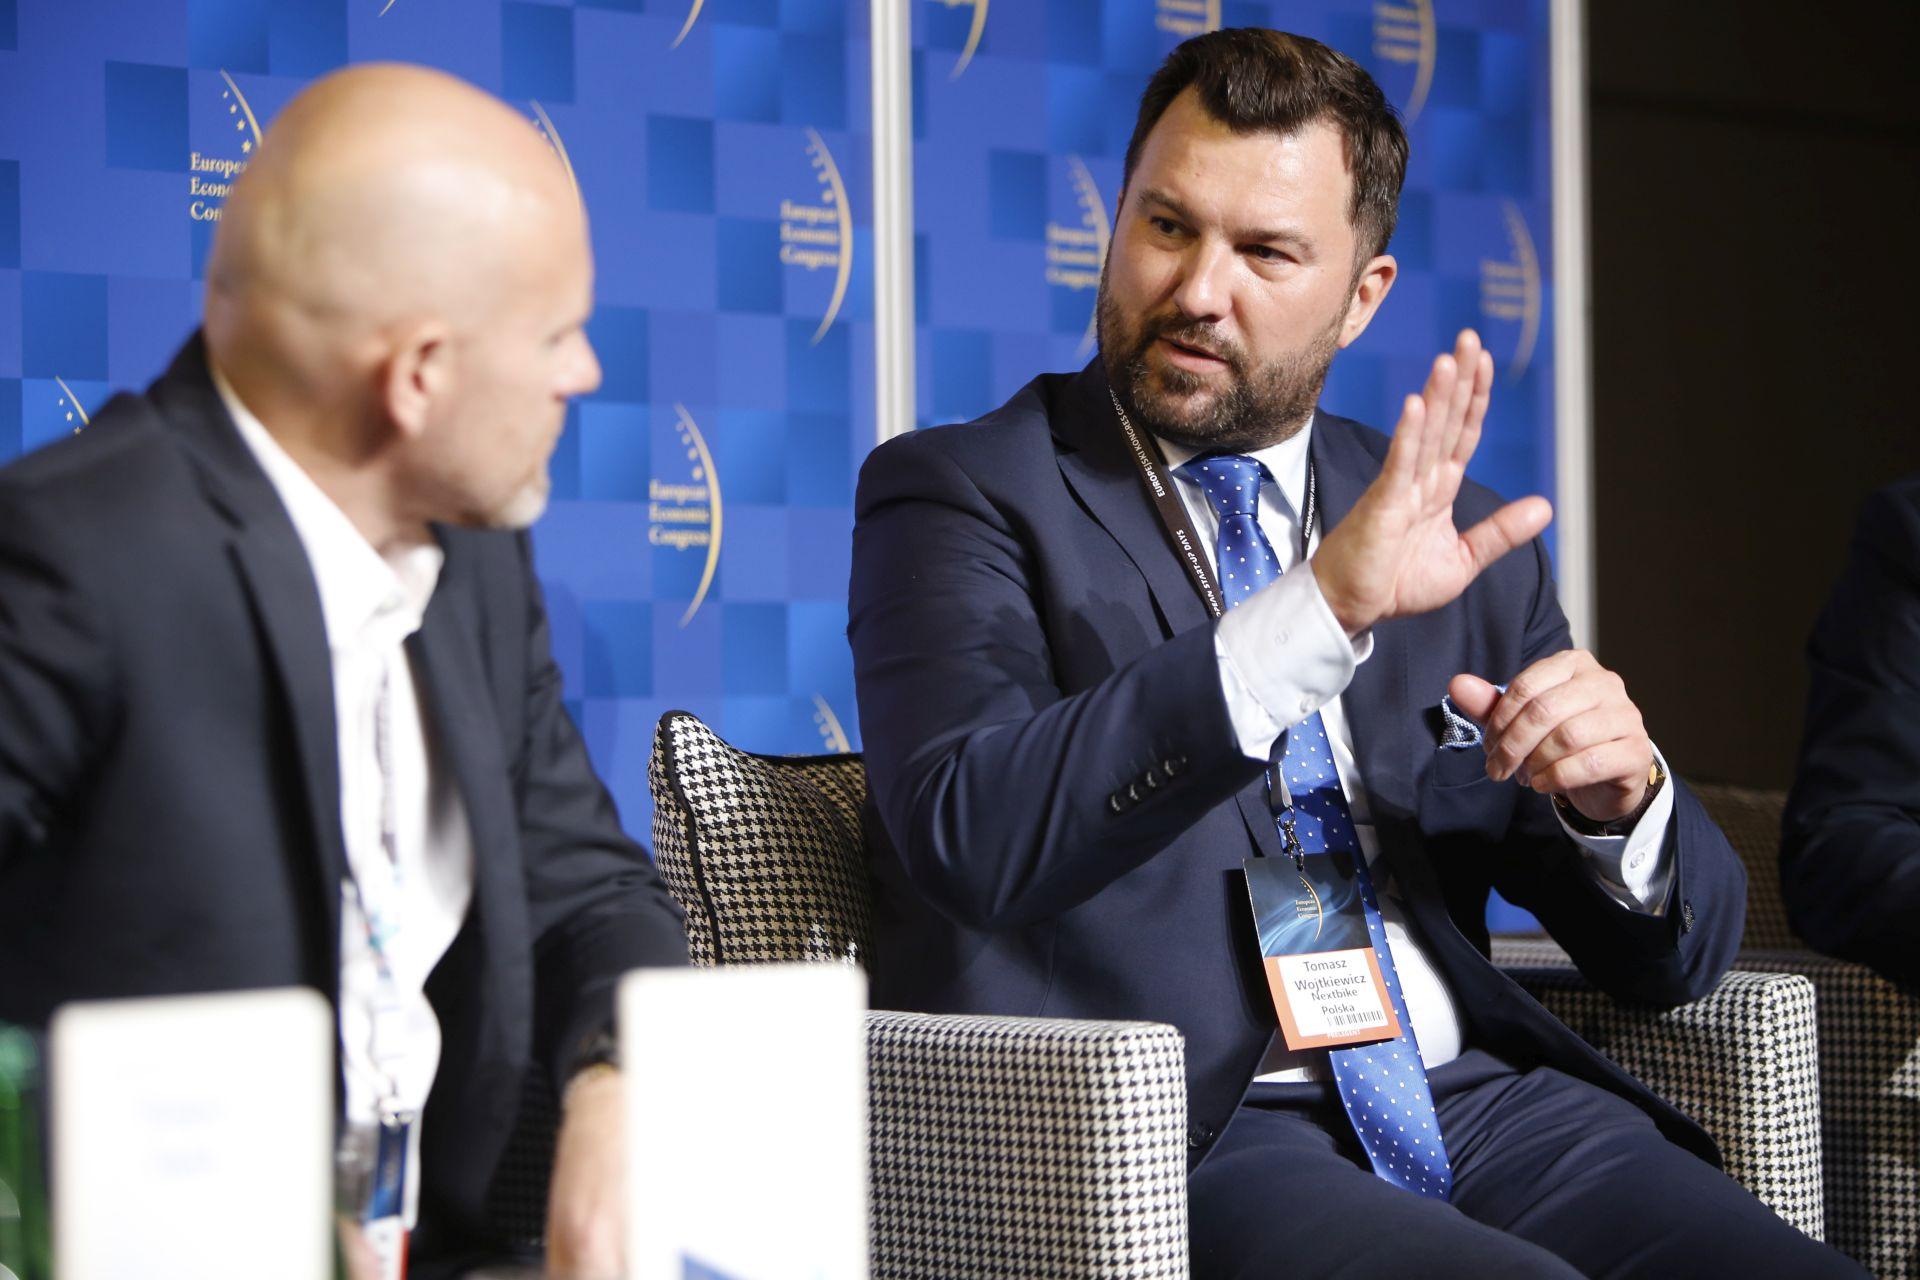 Od prawej: Tomasz Wojtkiewicz, prezes zarządu, Nextbike Polska i Maciej Panek, prezes PANEK CarSharing. Fot. PTWP